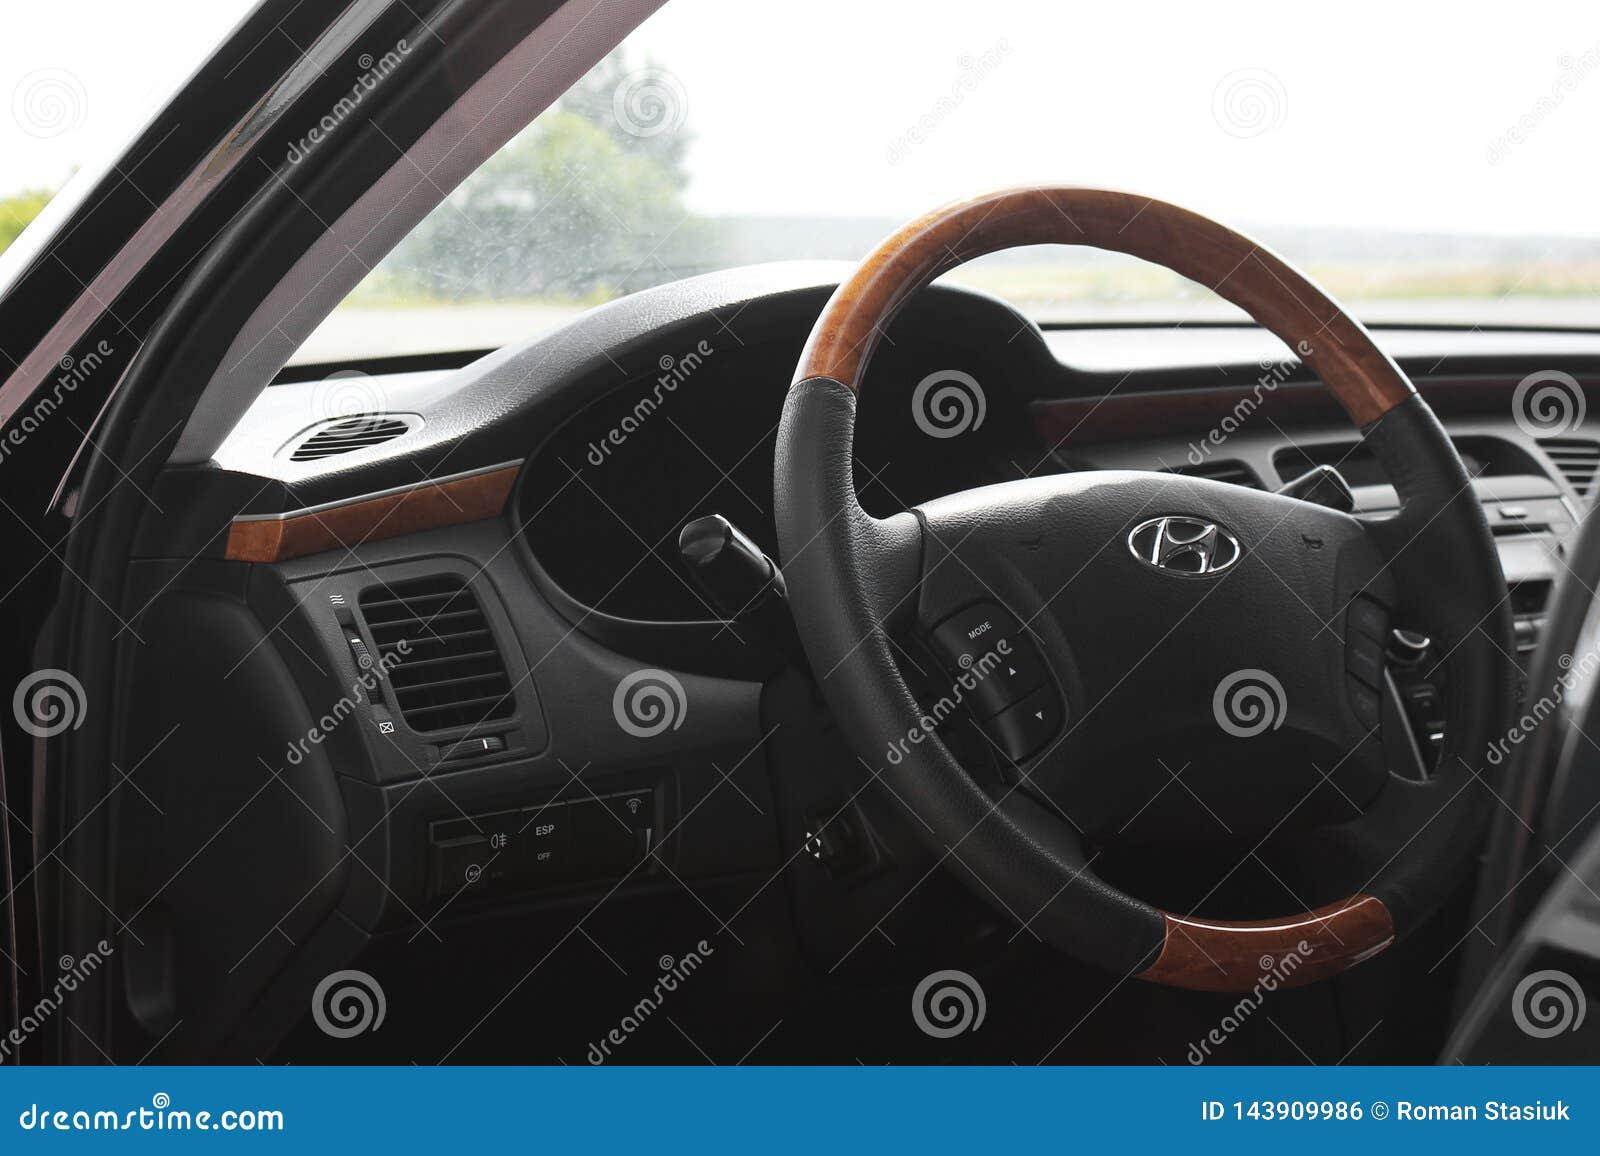 Киев, Украина - 6-ое августа 2018: Великолепие Hyundai Взгляд интерьера современного автомобиля показывая приборную панель